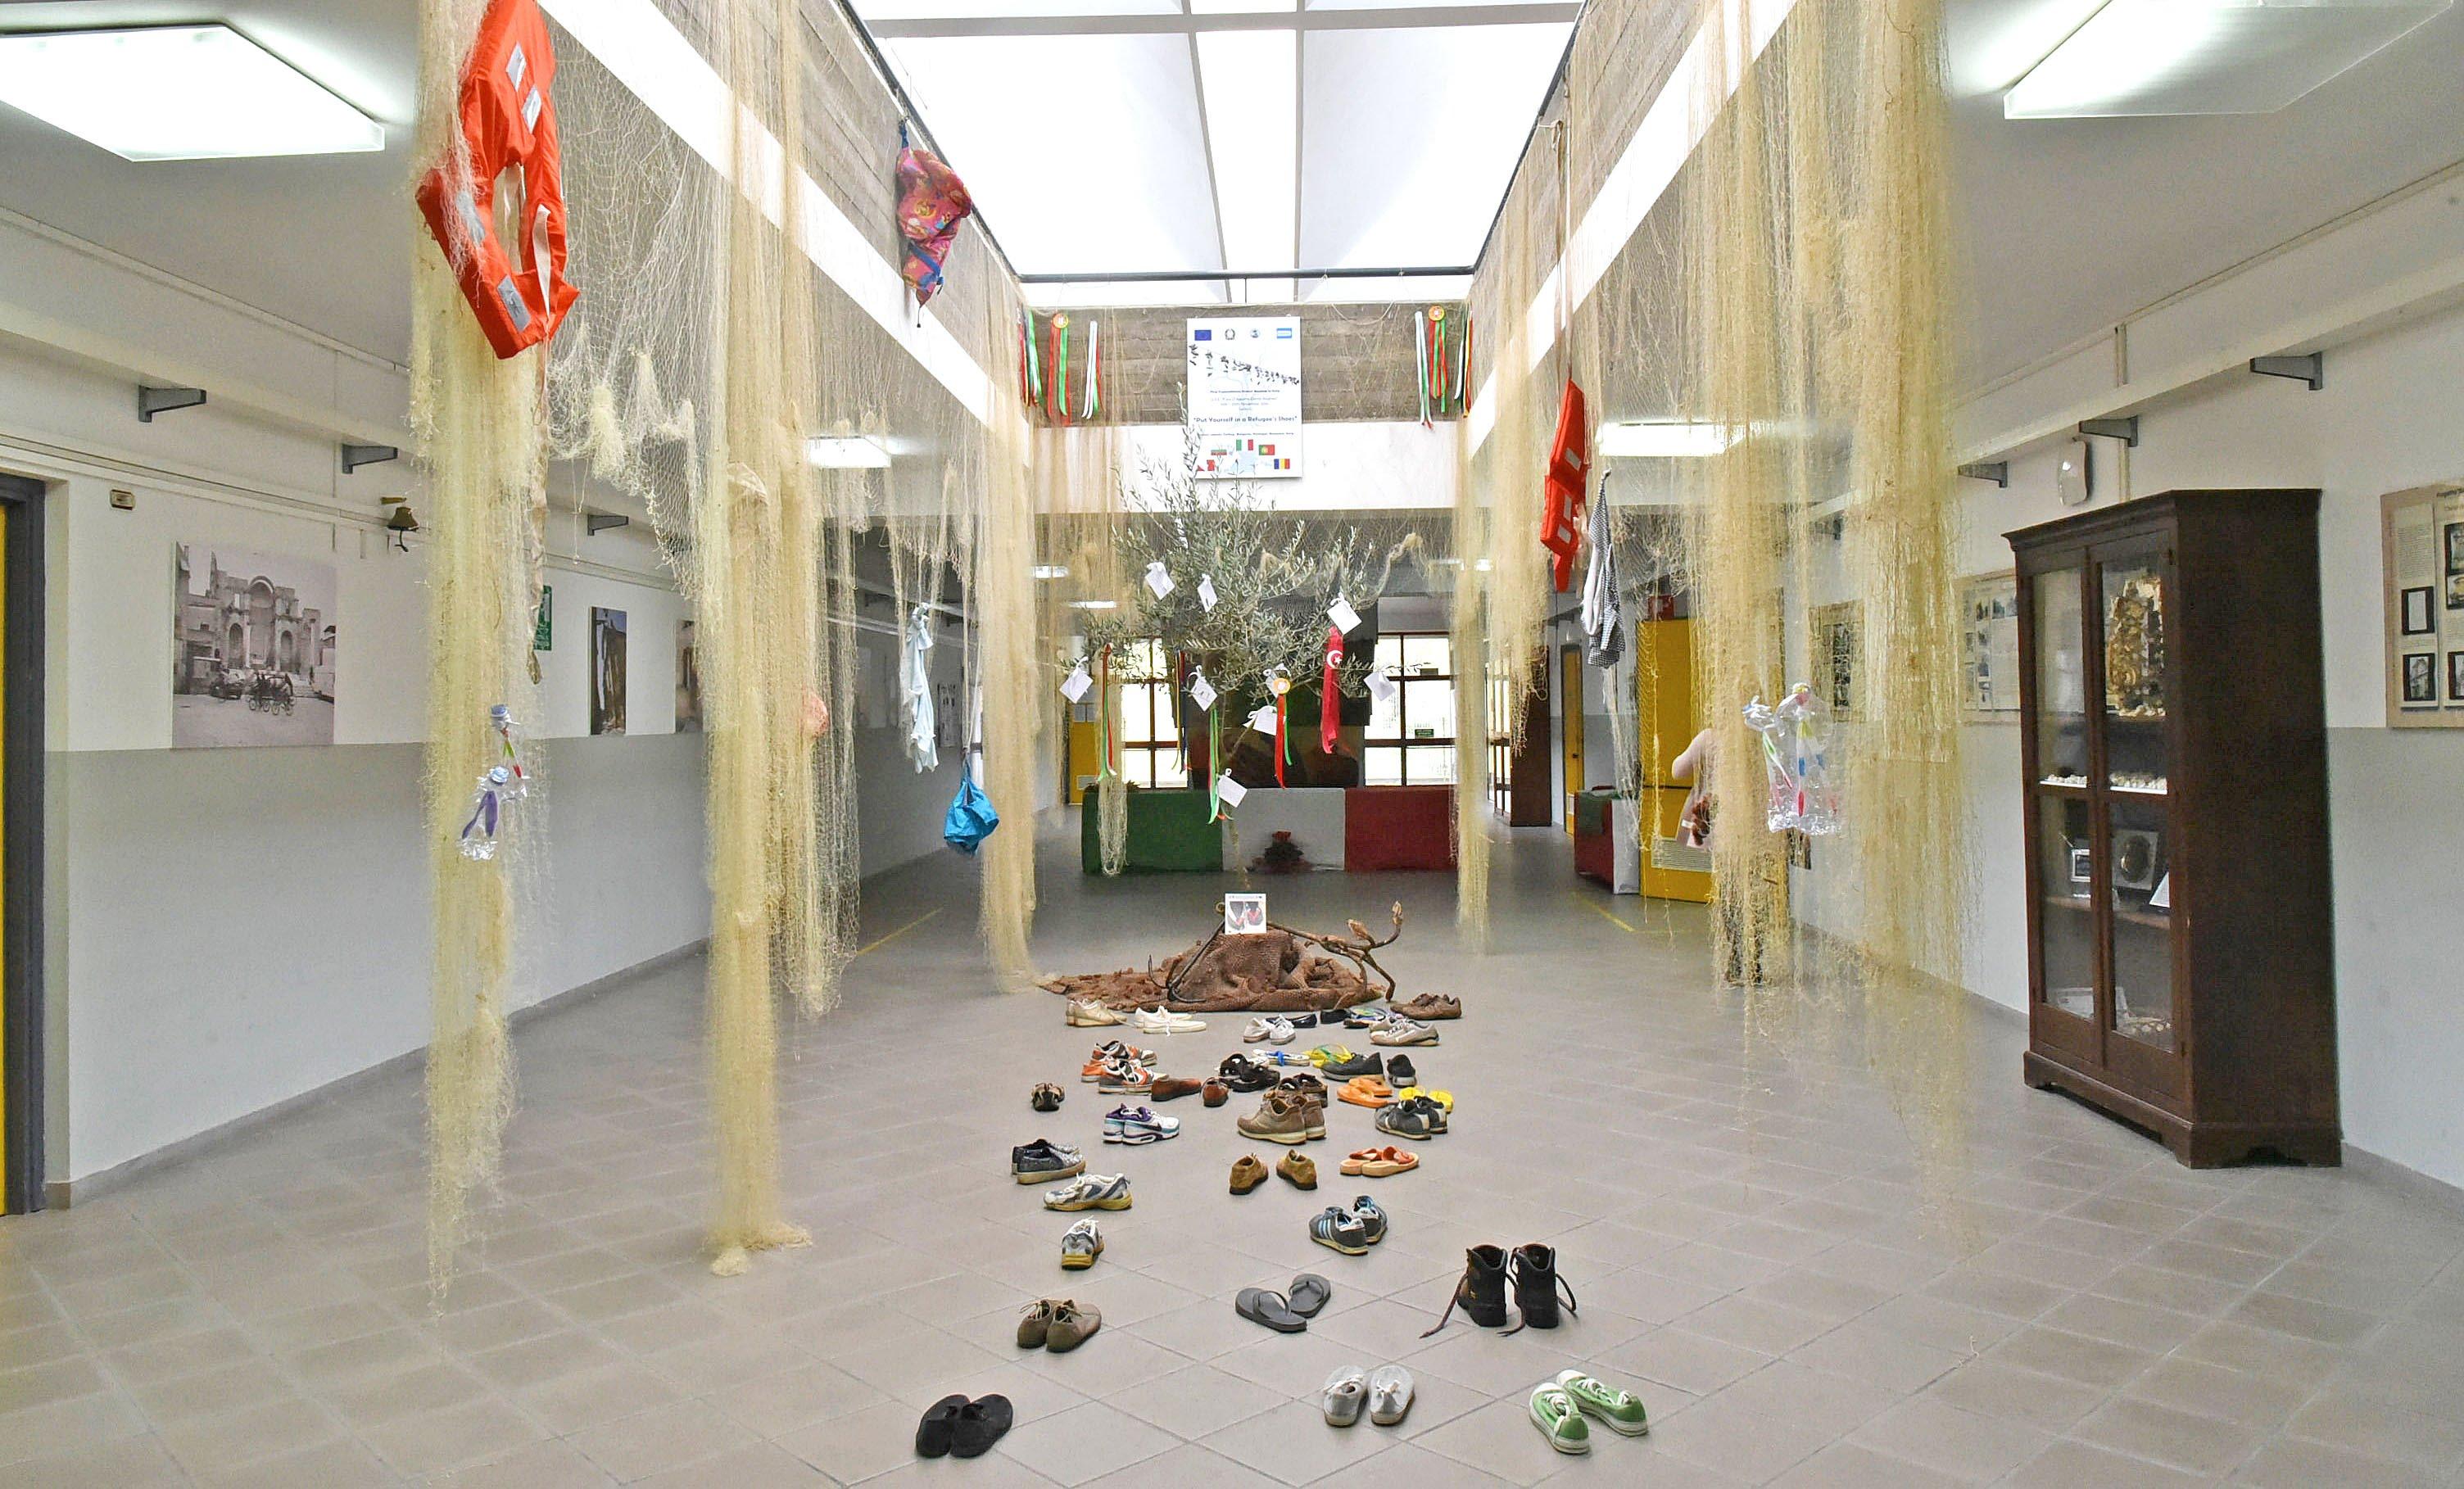 Galeria Italiana